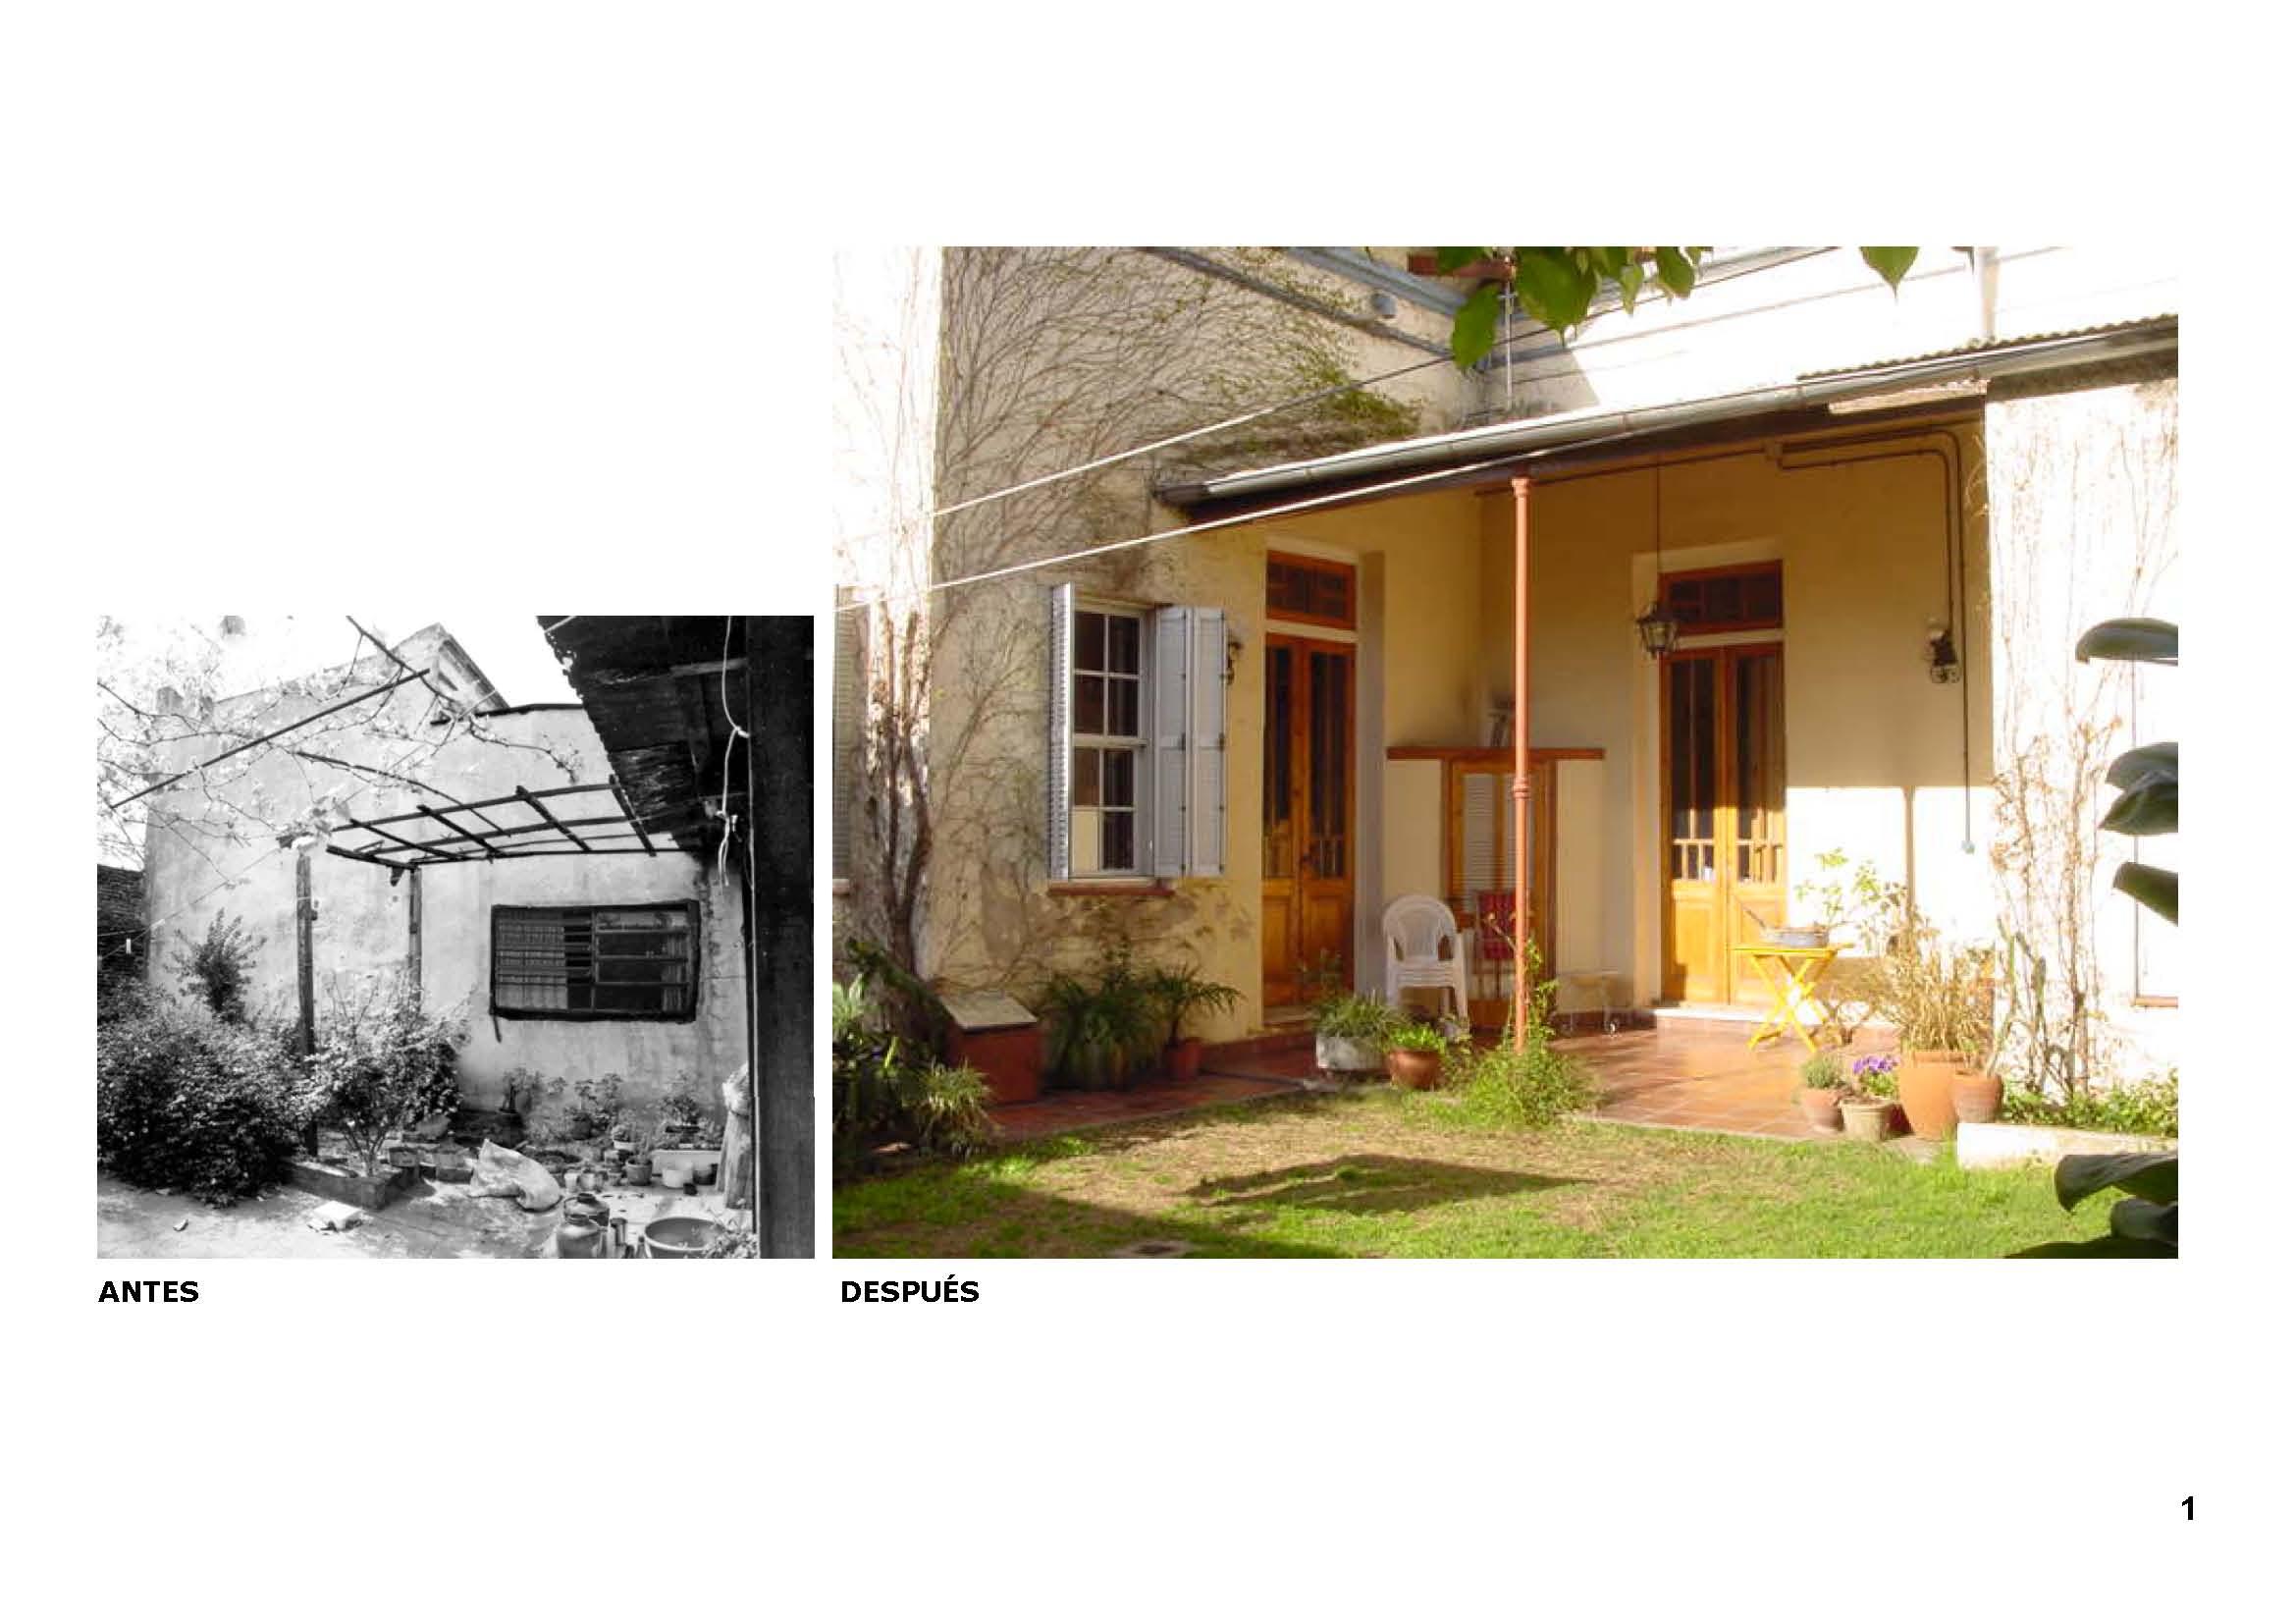 Reforma Casa Antigua Antes Y Despues Trendy With Reforma Casa  ~ Reformas De Casas Antiguas Antes Y Despues